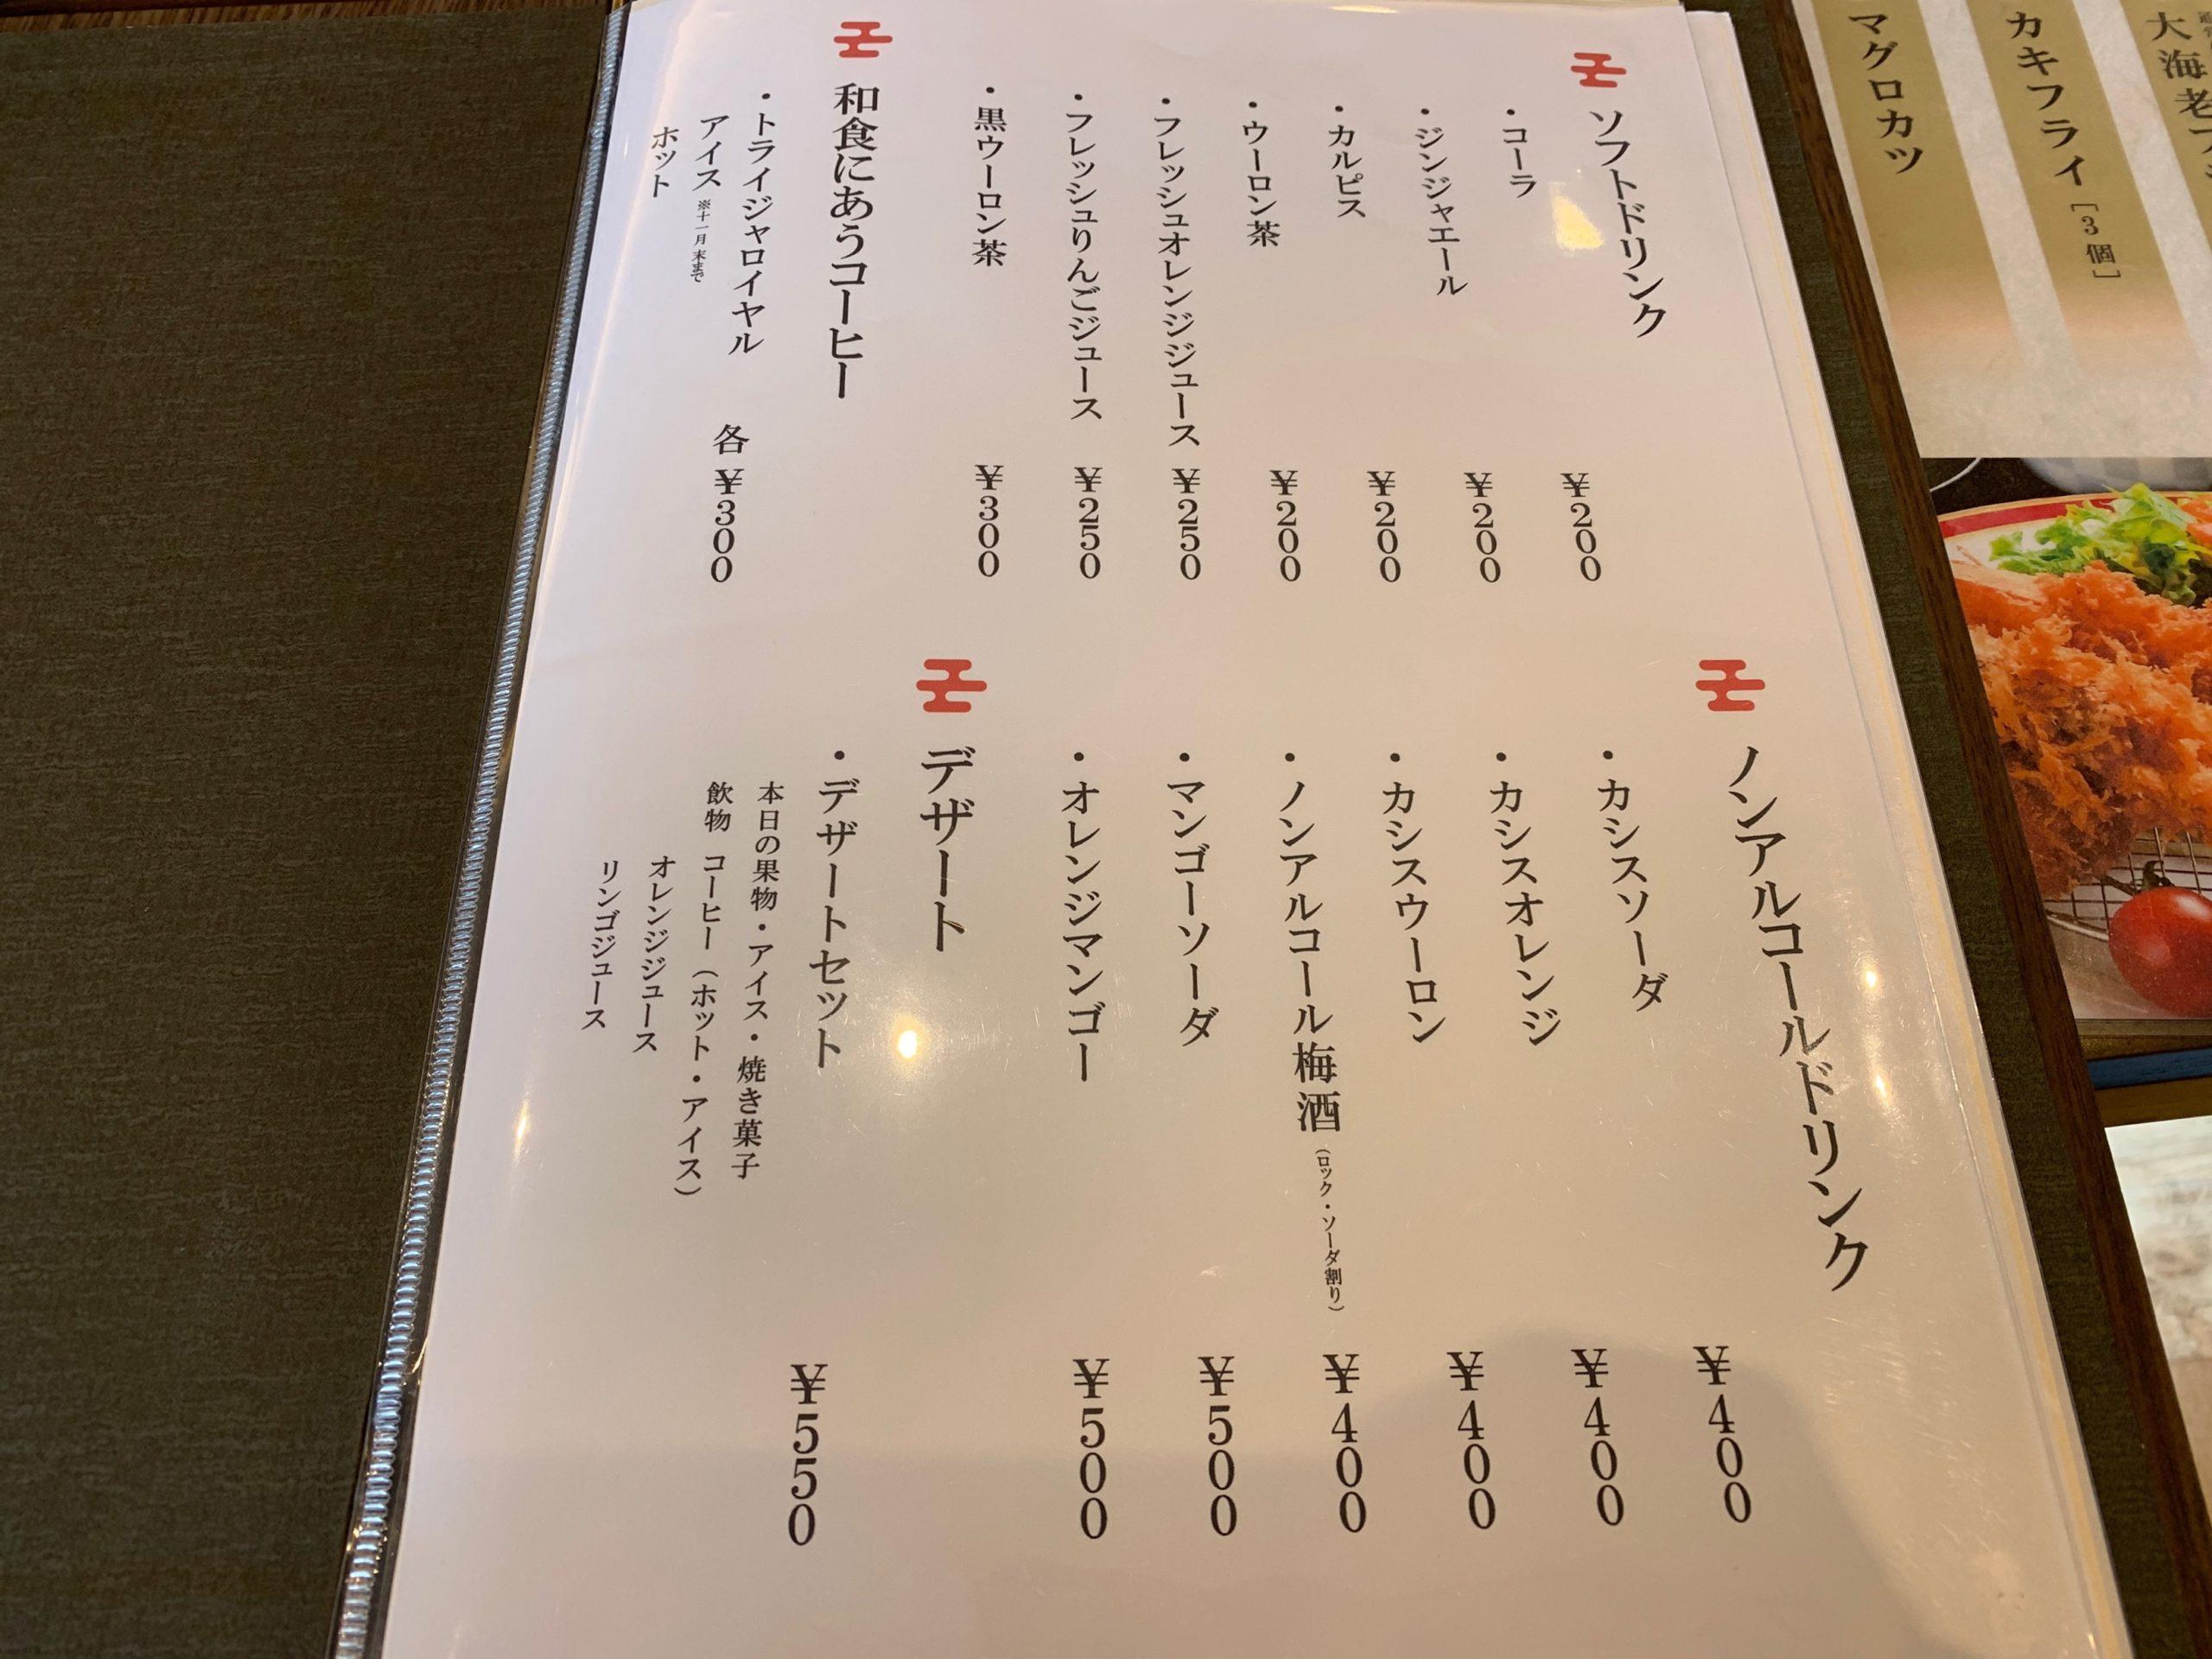 「そう馬」柳川店のドリンクメニュー